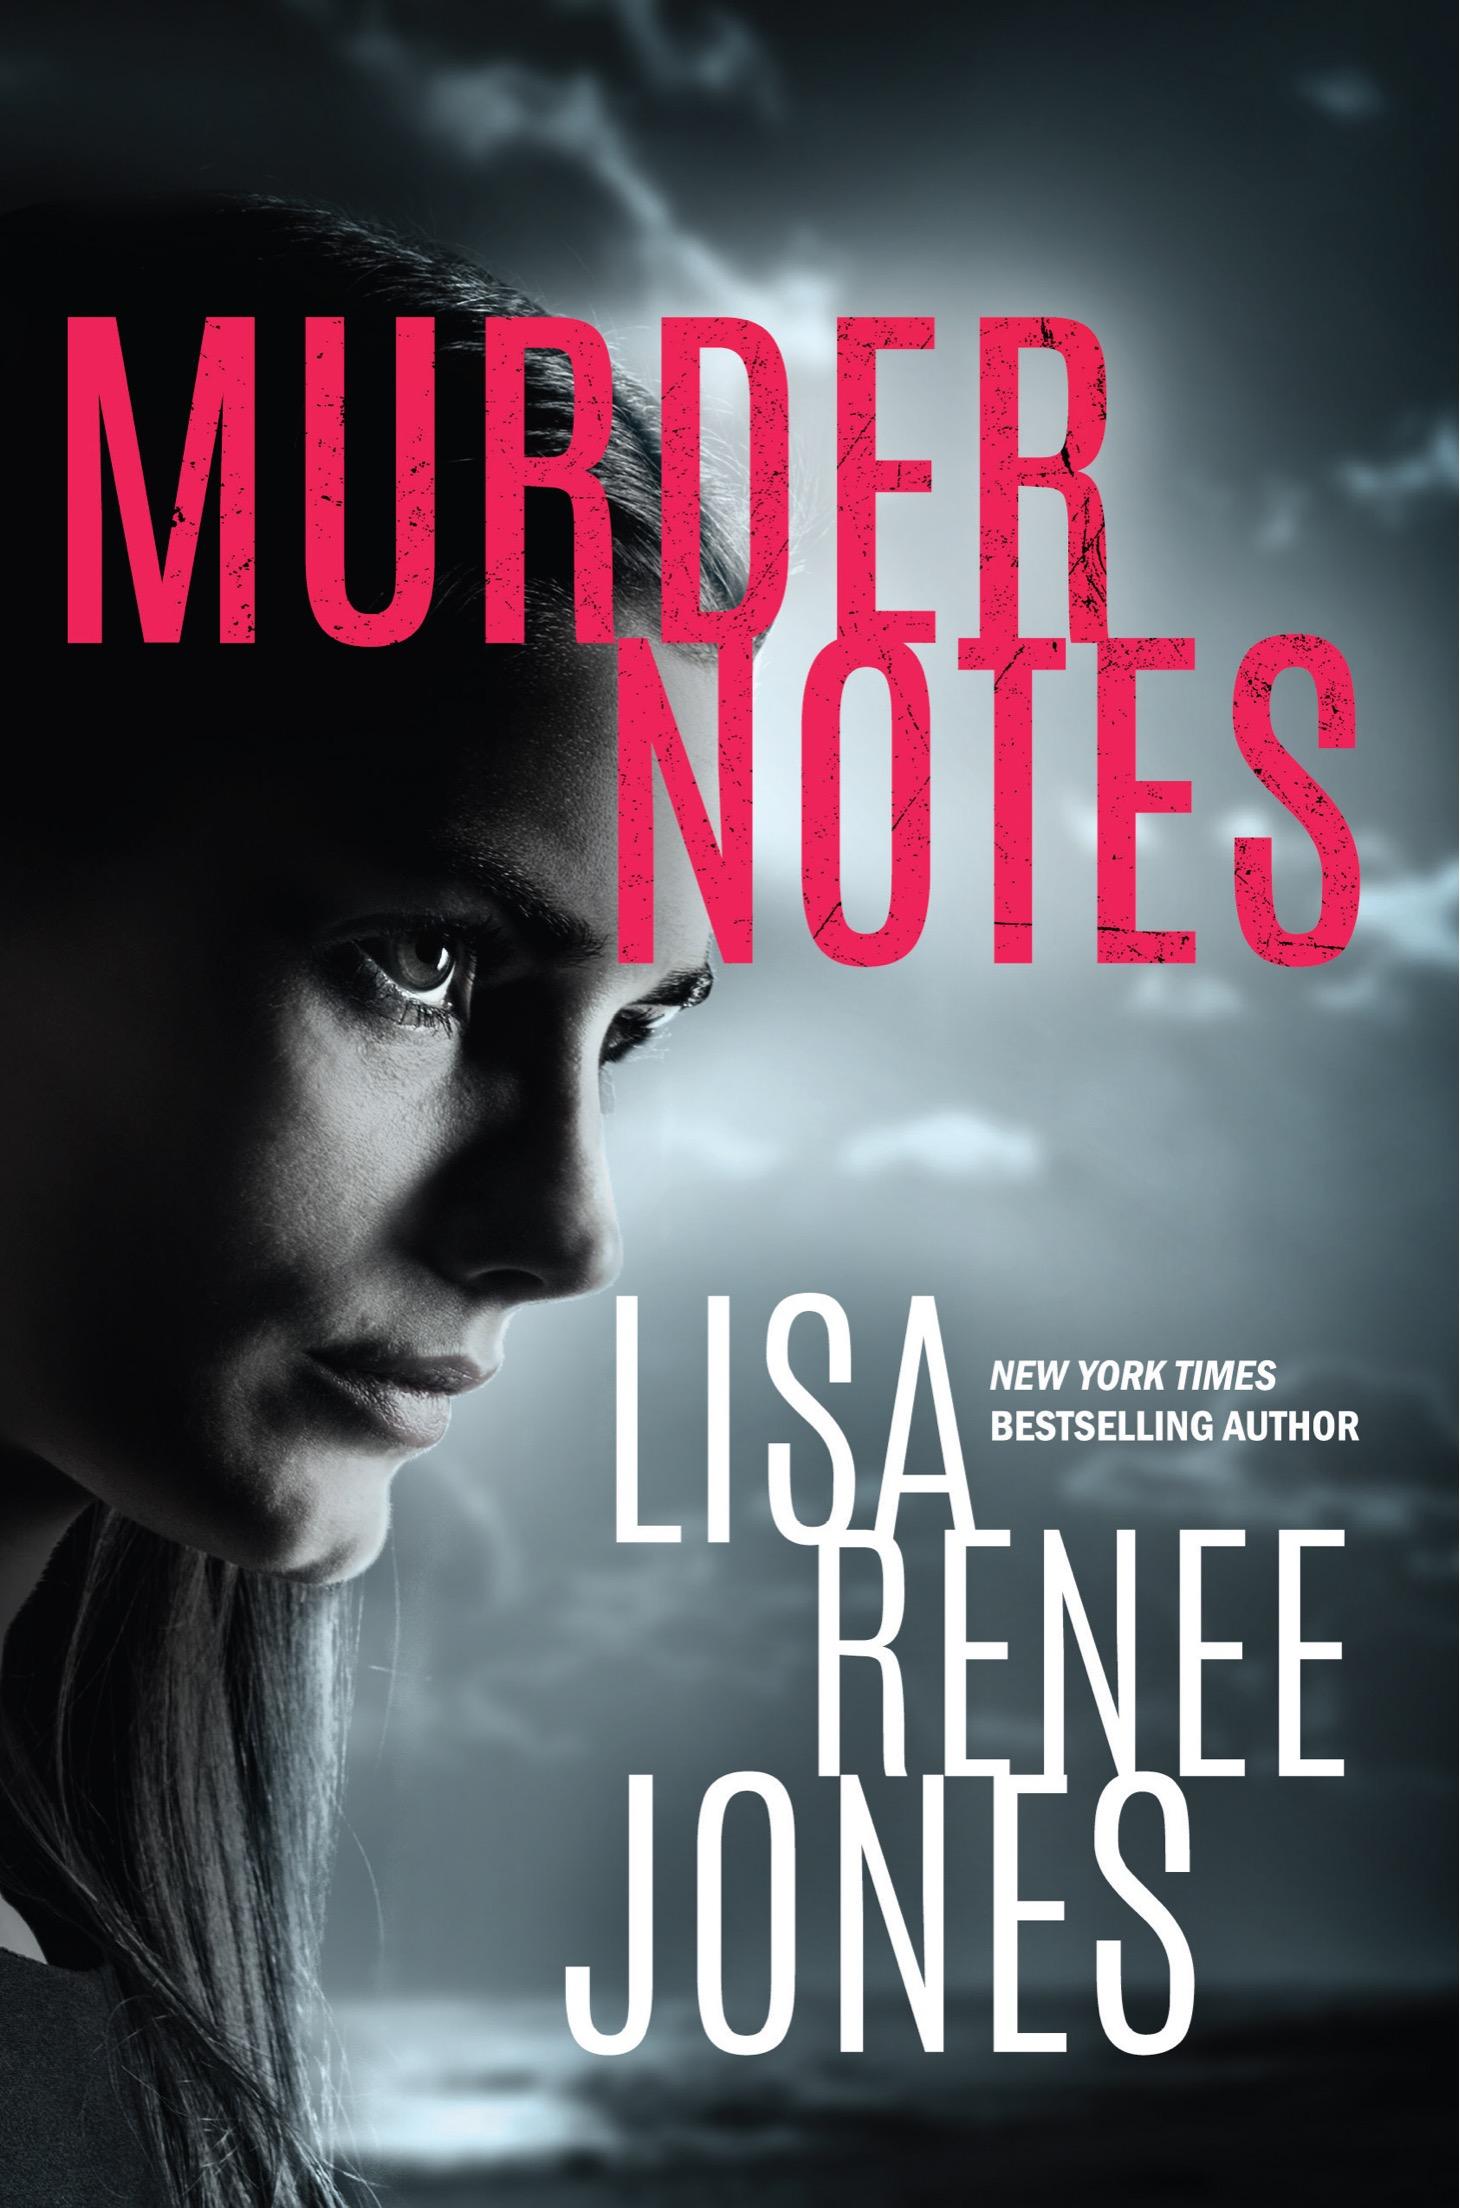 MURDER NOTES by Lisa Renee Jones Lilah Love #1